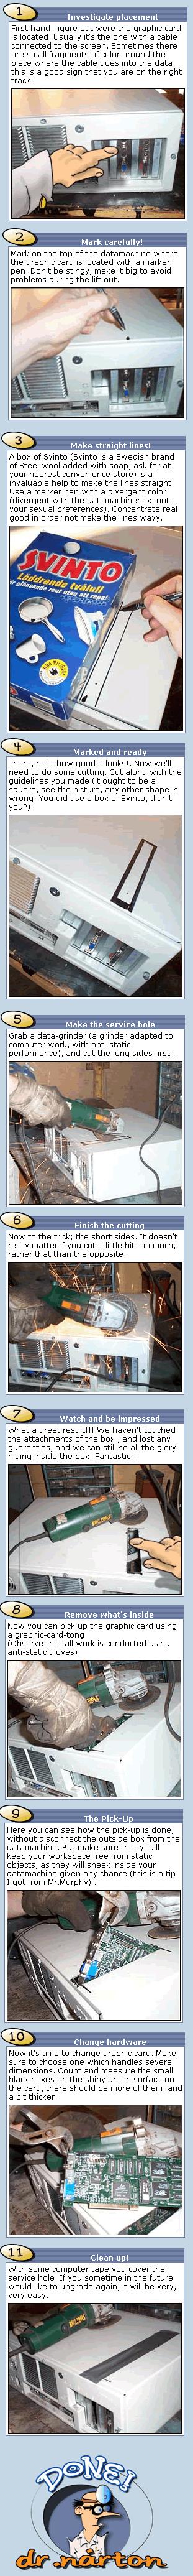 Cursus PC-upgraden